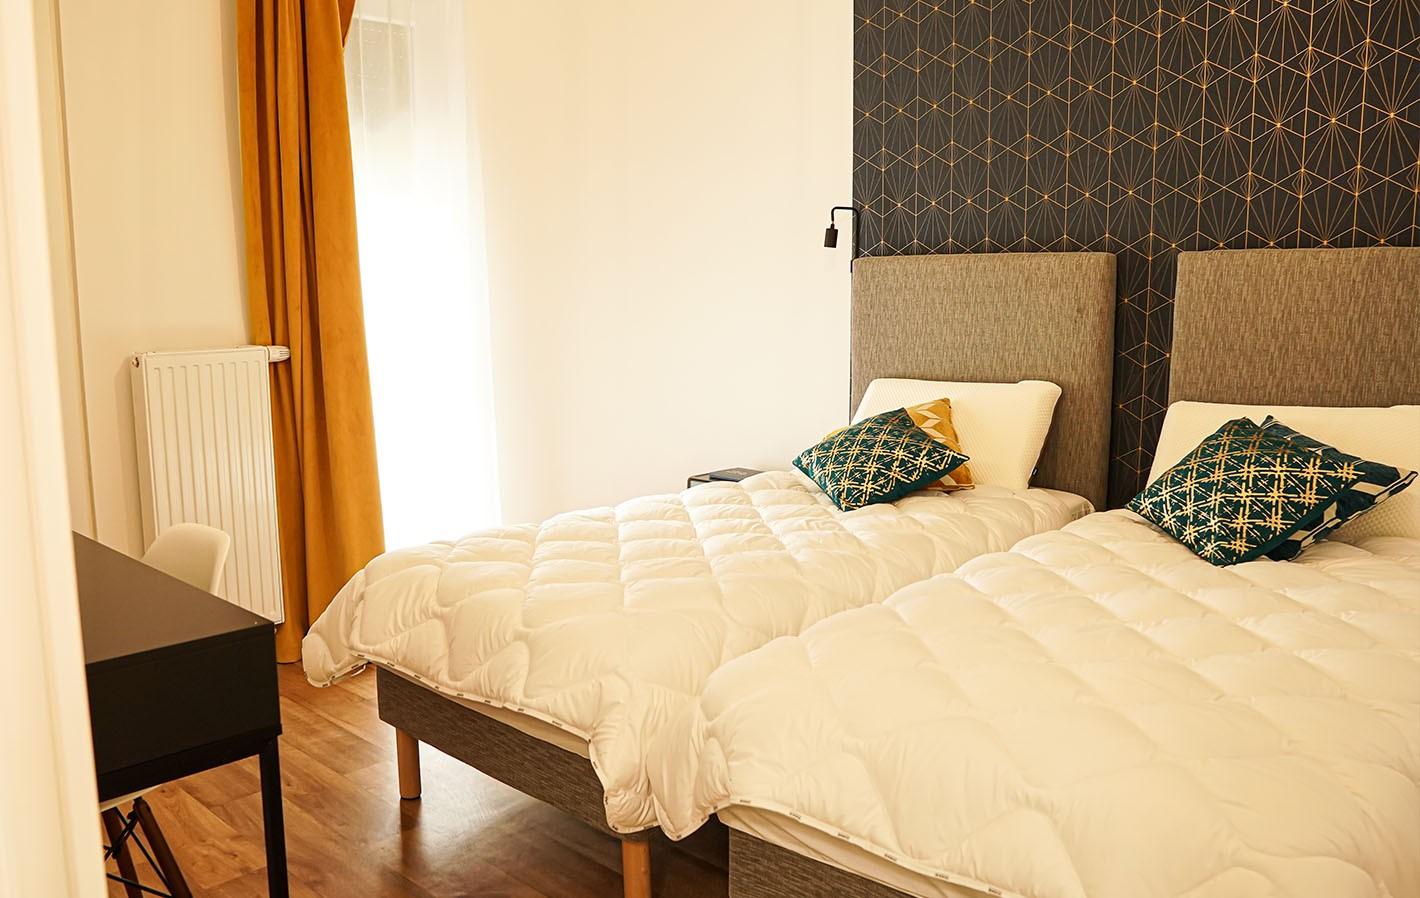 image  2021 03 08 residence etudiante suitetudes streamline boulogne billancourt t3 experience chambre 10